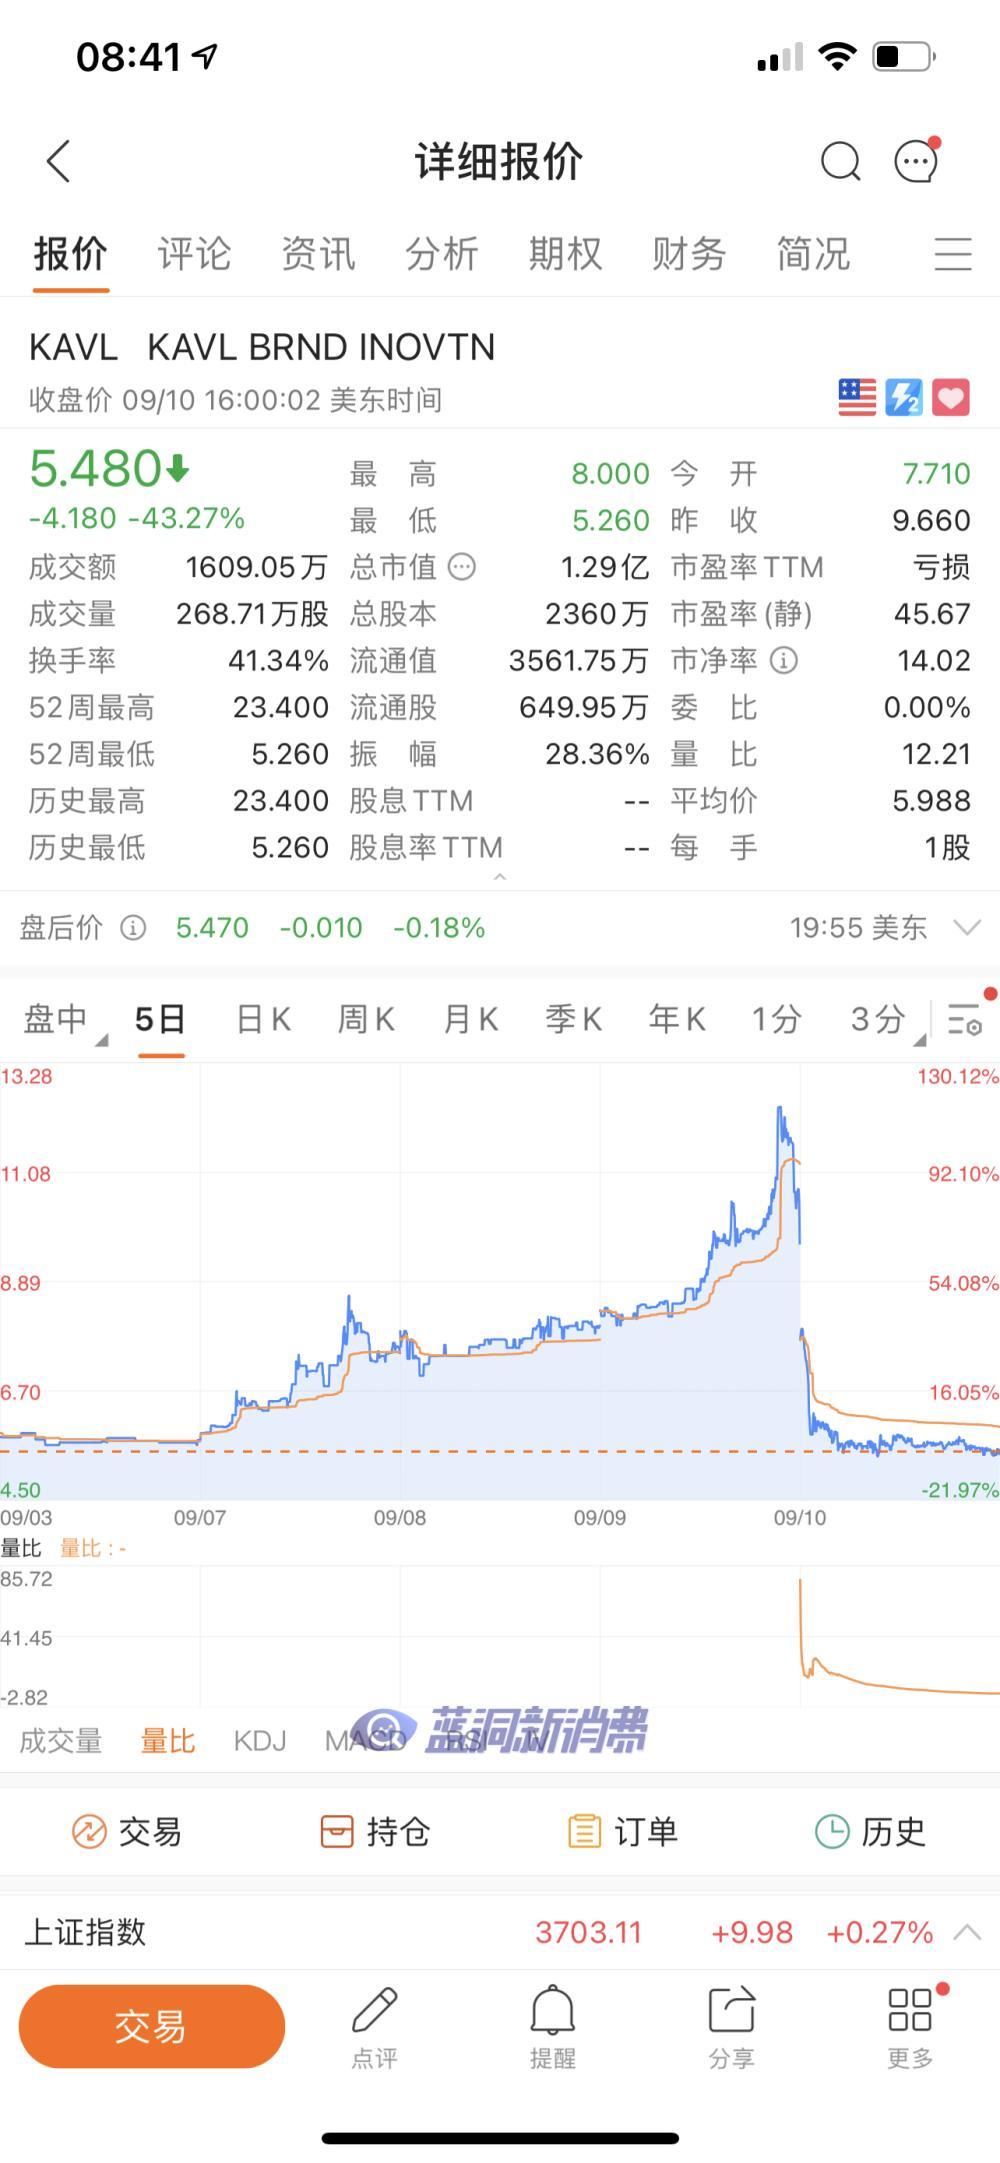 一次性电子烟Bidi分销商Kavia股价暴跌44%